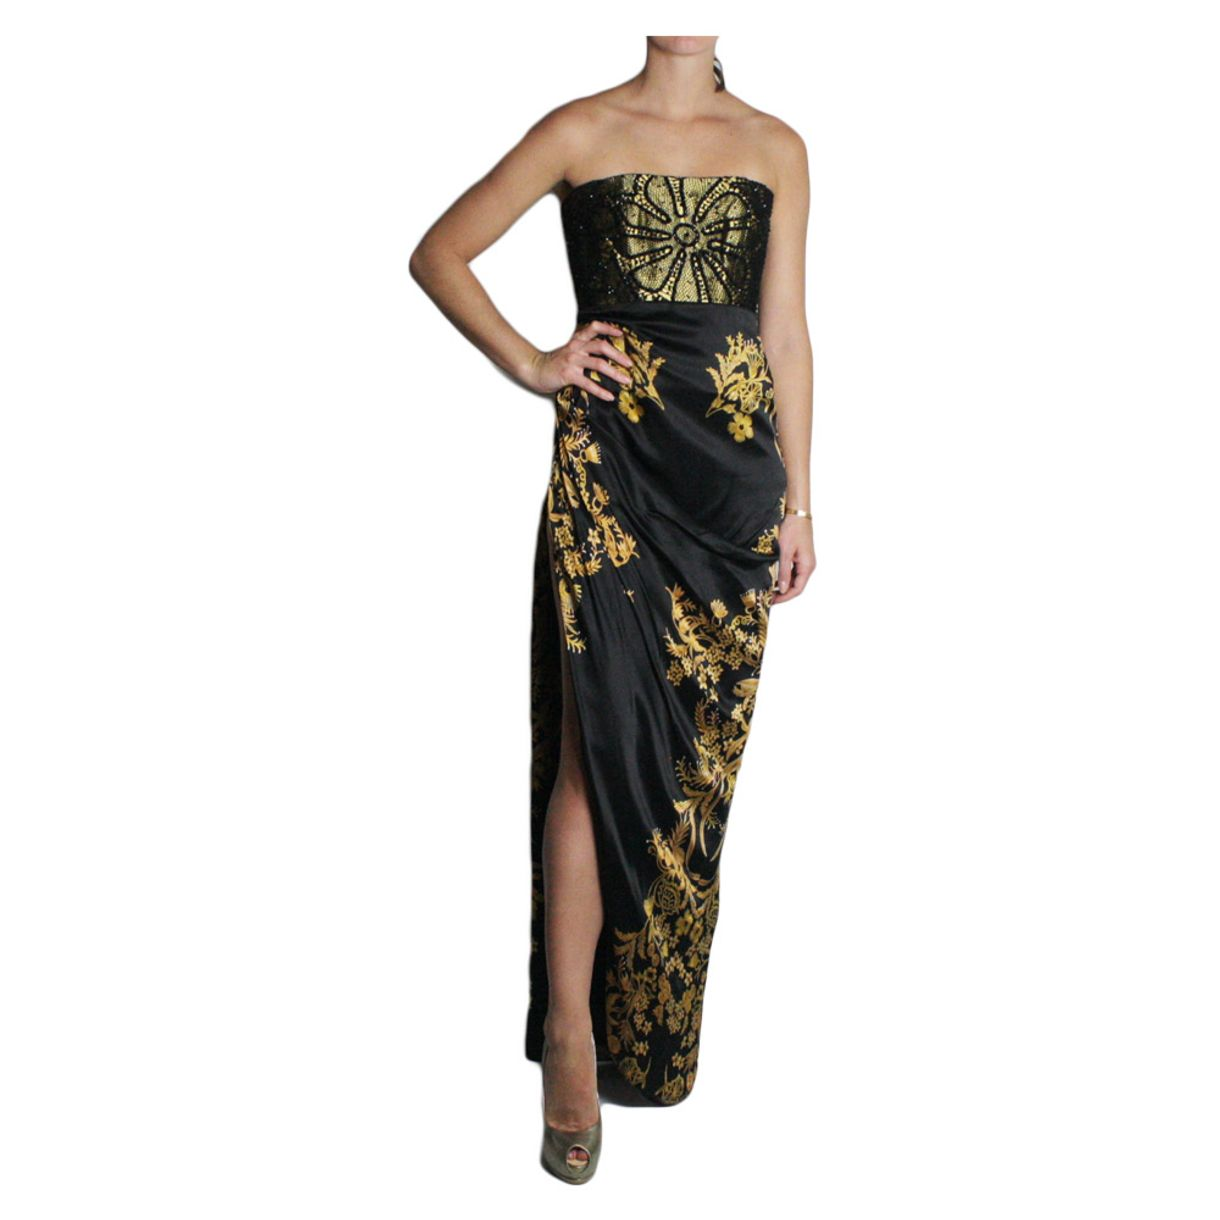 Vestido-Martha-Medeiros-Estampado-Preto-e-Dourado